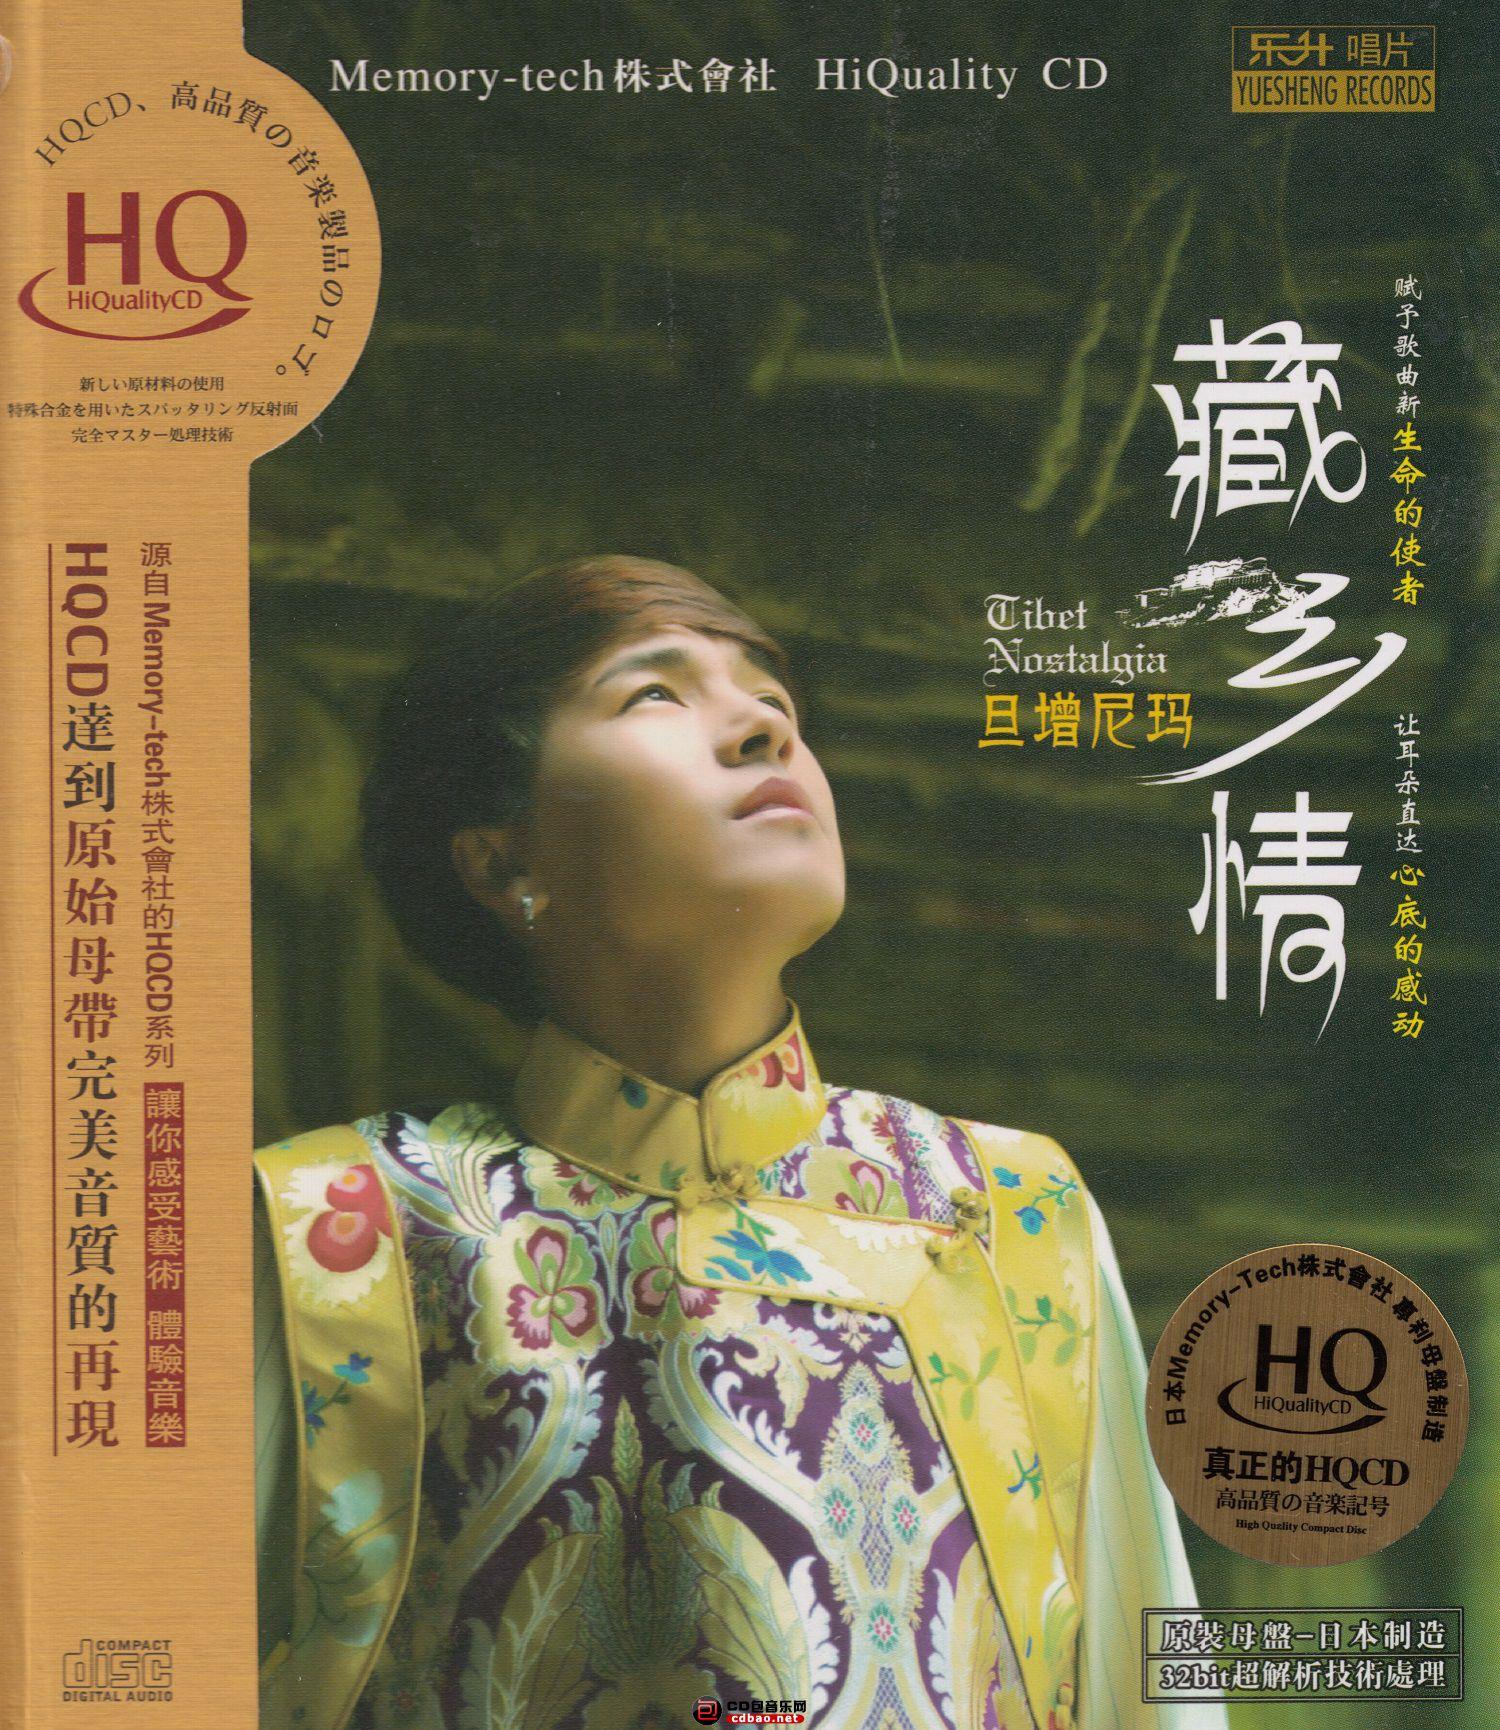 旦增尼玛-藏乡情HQ-COVER.jpg